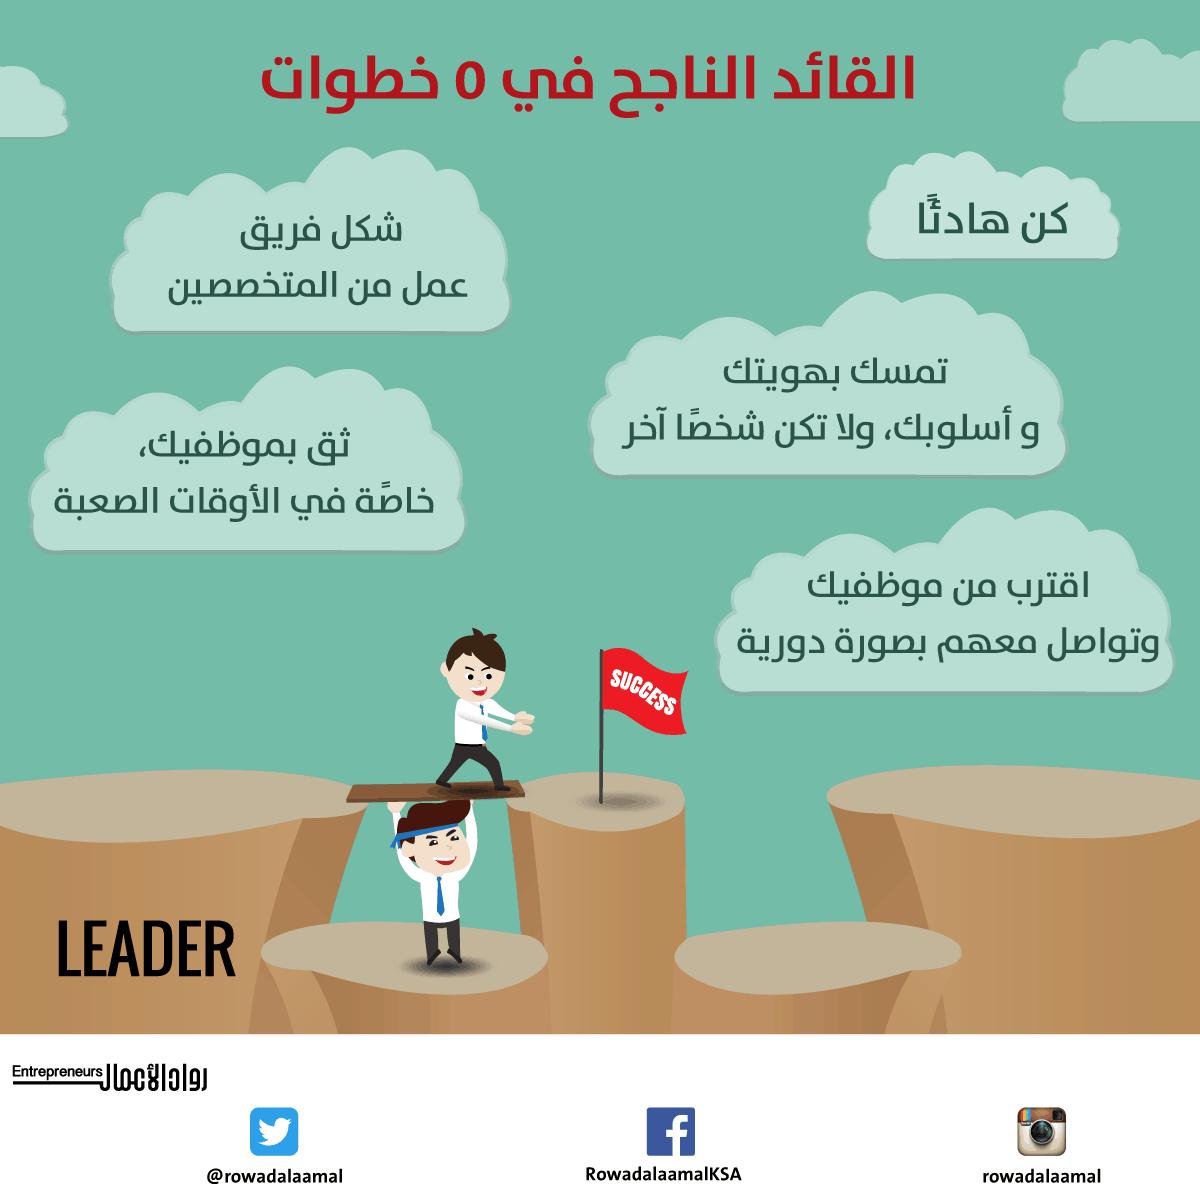 صورة كيف تكون قائد ناجح , تجربتي في دوره القائد المحترف